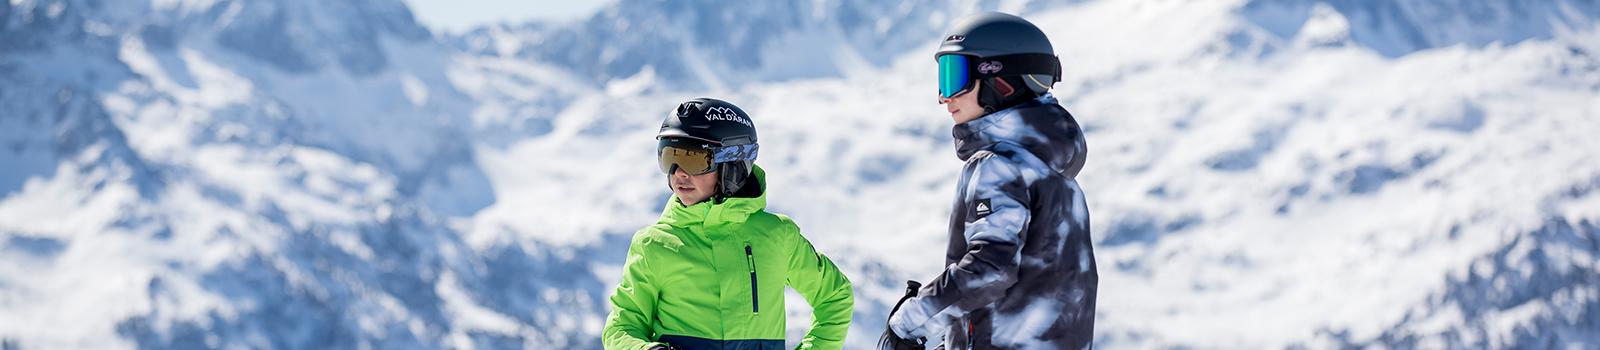 Quiksilver Kids Snow Shop - Jackets